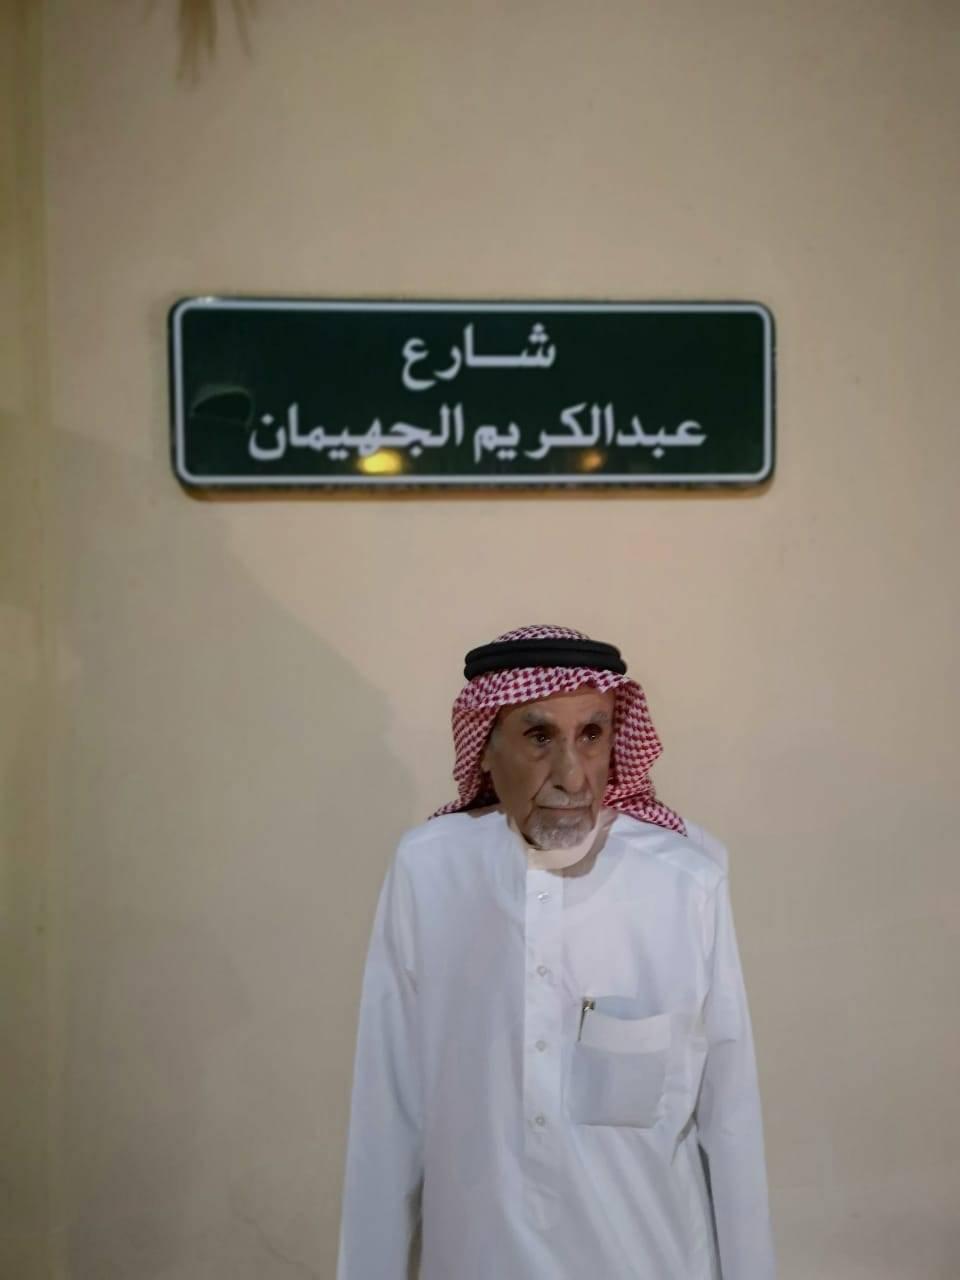 الباحث محمد القشعمي في شارع عبدالكريم الجهيمان